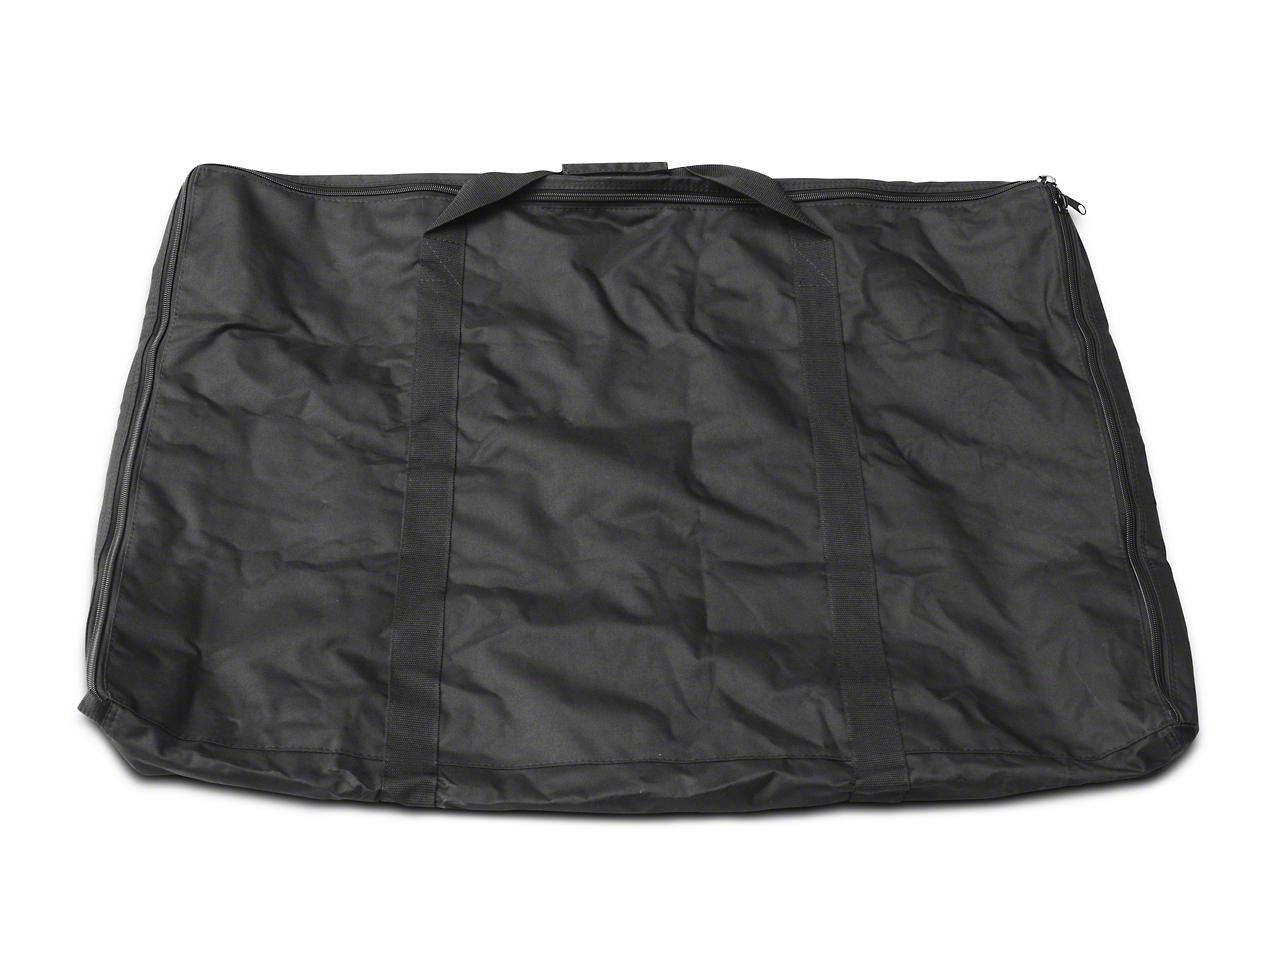 Smittybilt Soft Top Storage Bag (87-18 Wrangler YJ, TJ, JK & JL)